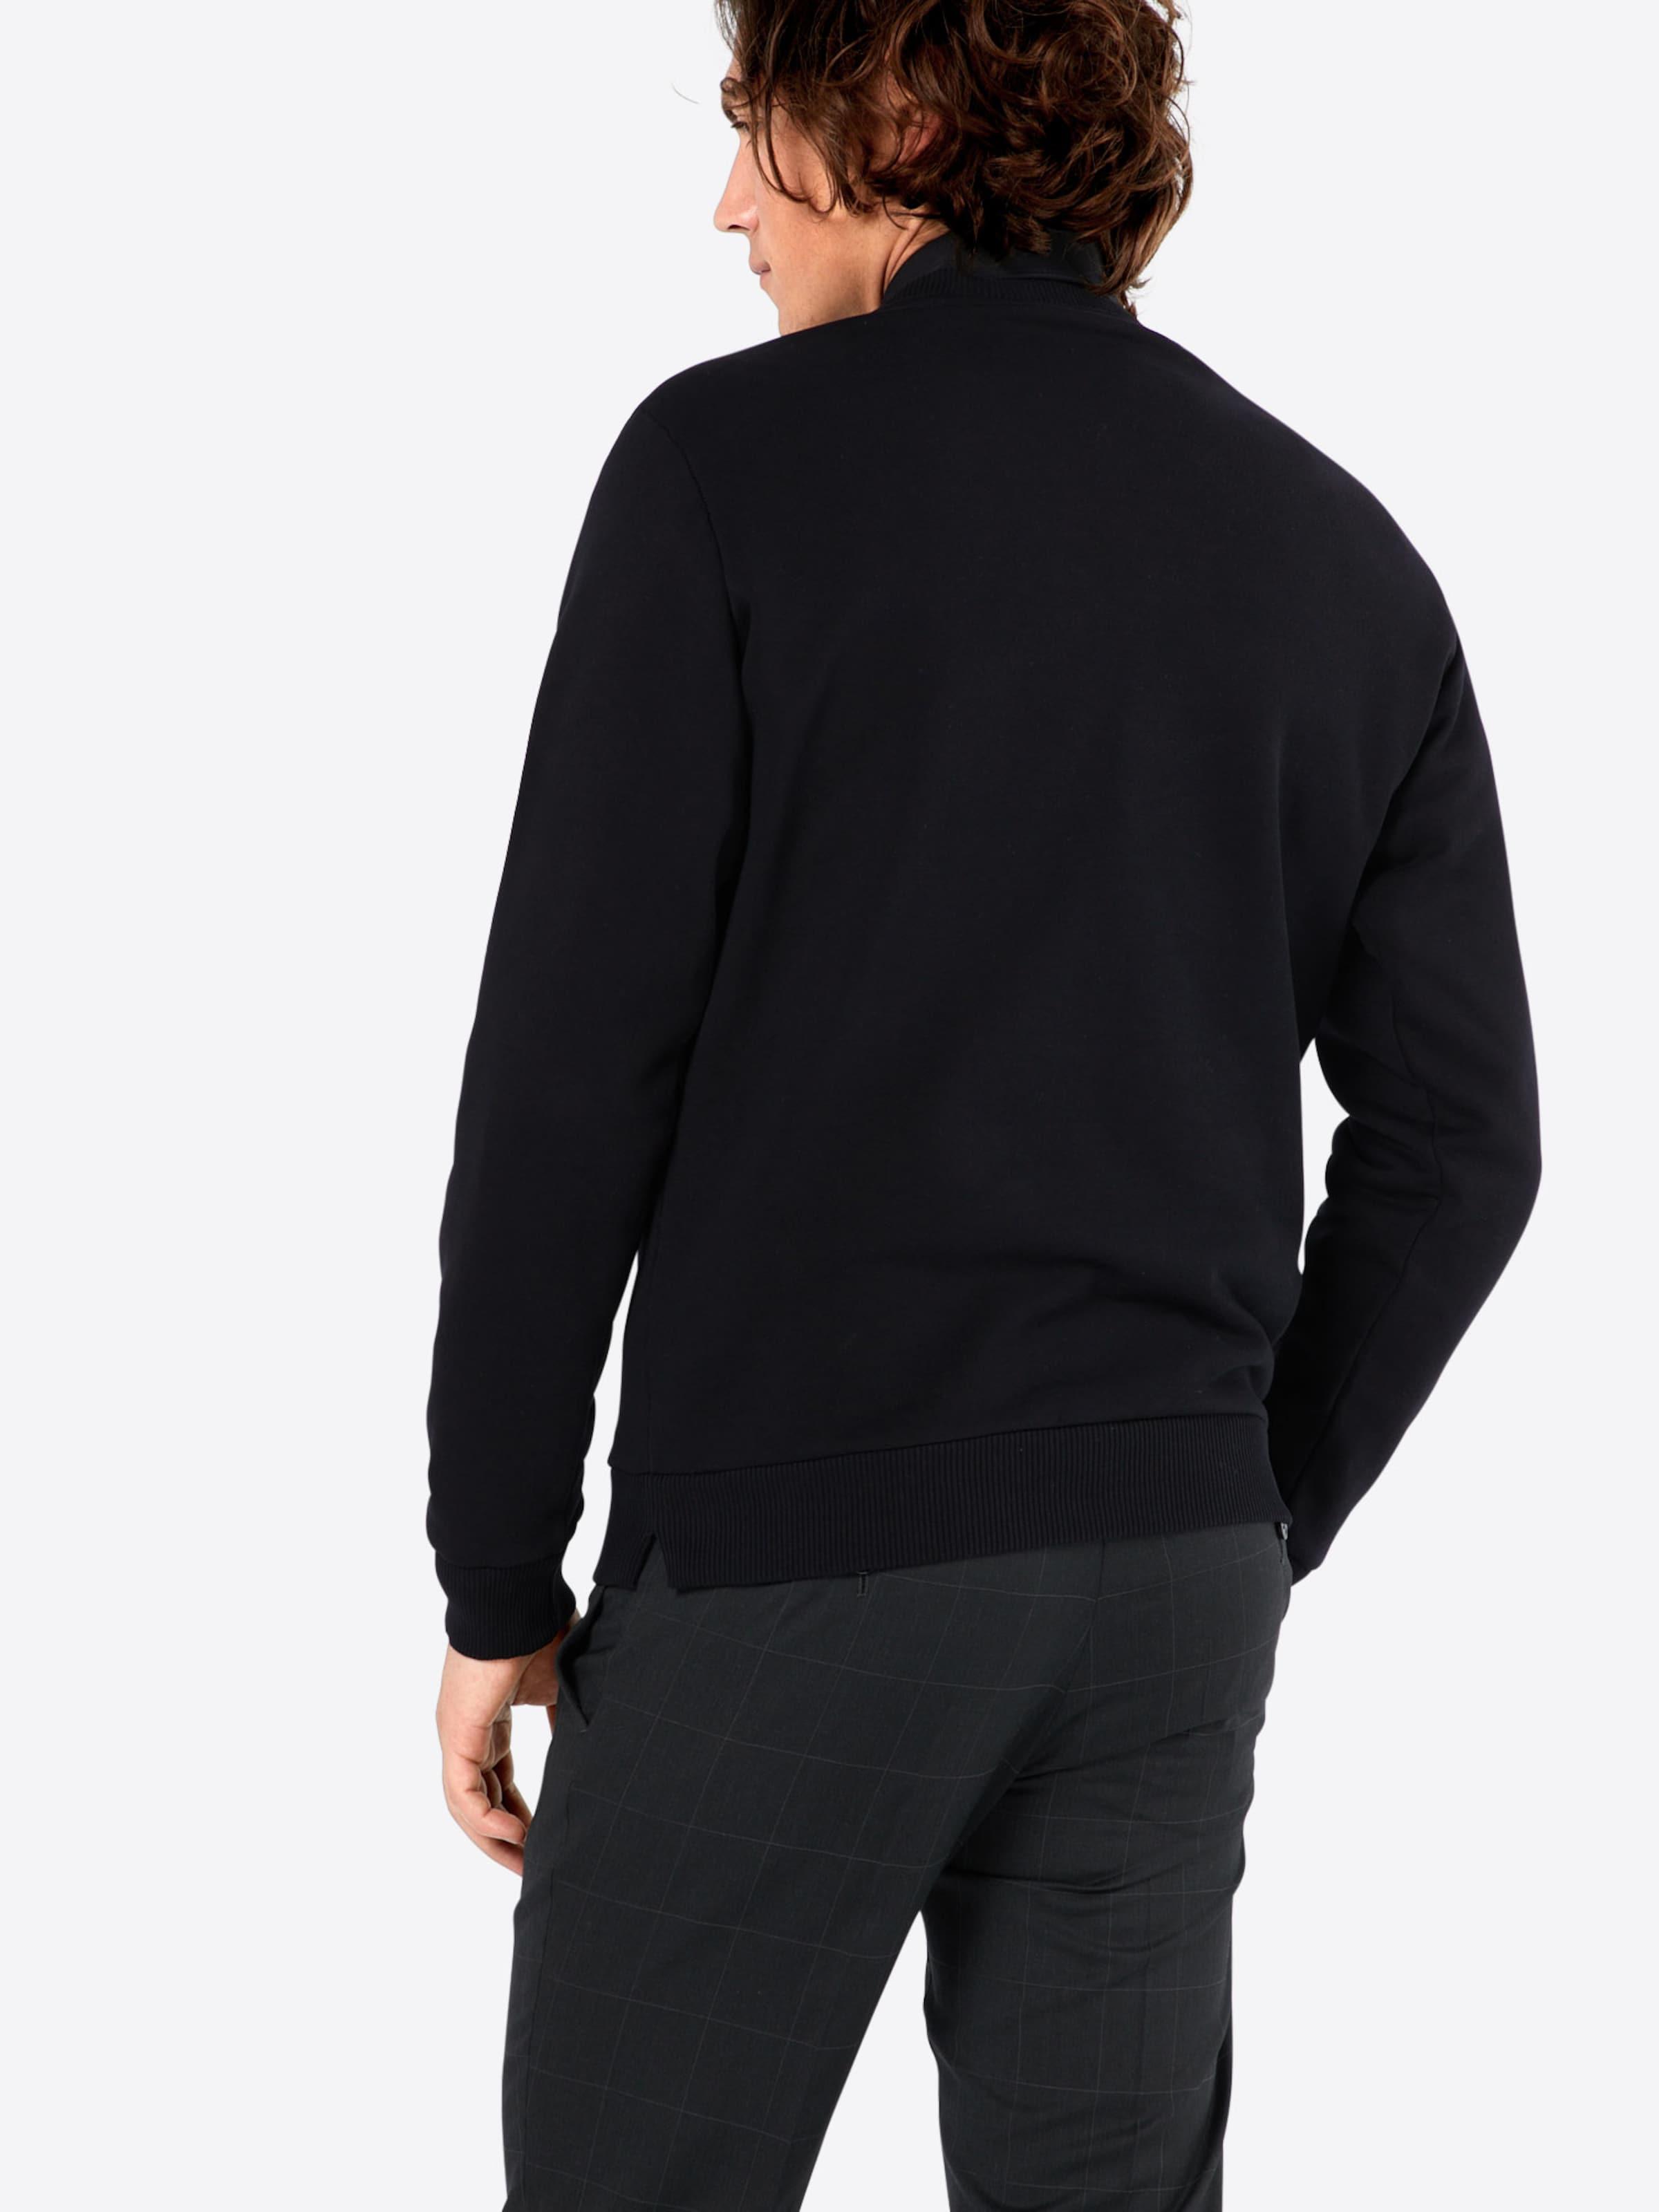 Billig Verkauf 100% Authentisch Neue Stile DIESEL Sweatshirt 'S-SAMUEL' Großhandel Qualität Billig Verkaufen Billig vPkKEiZk